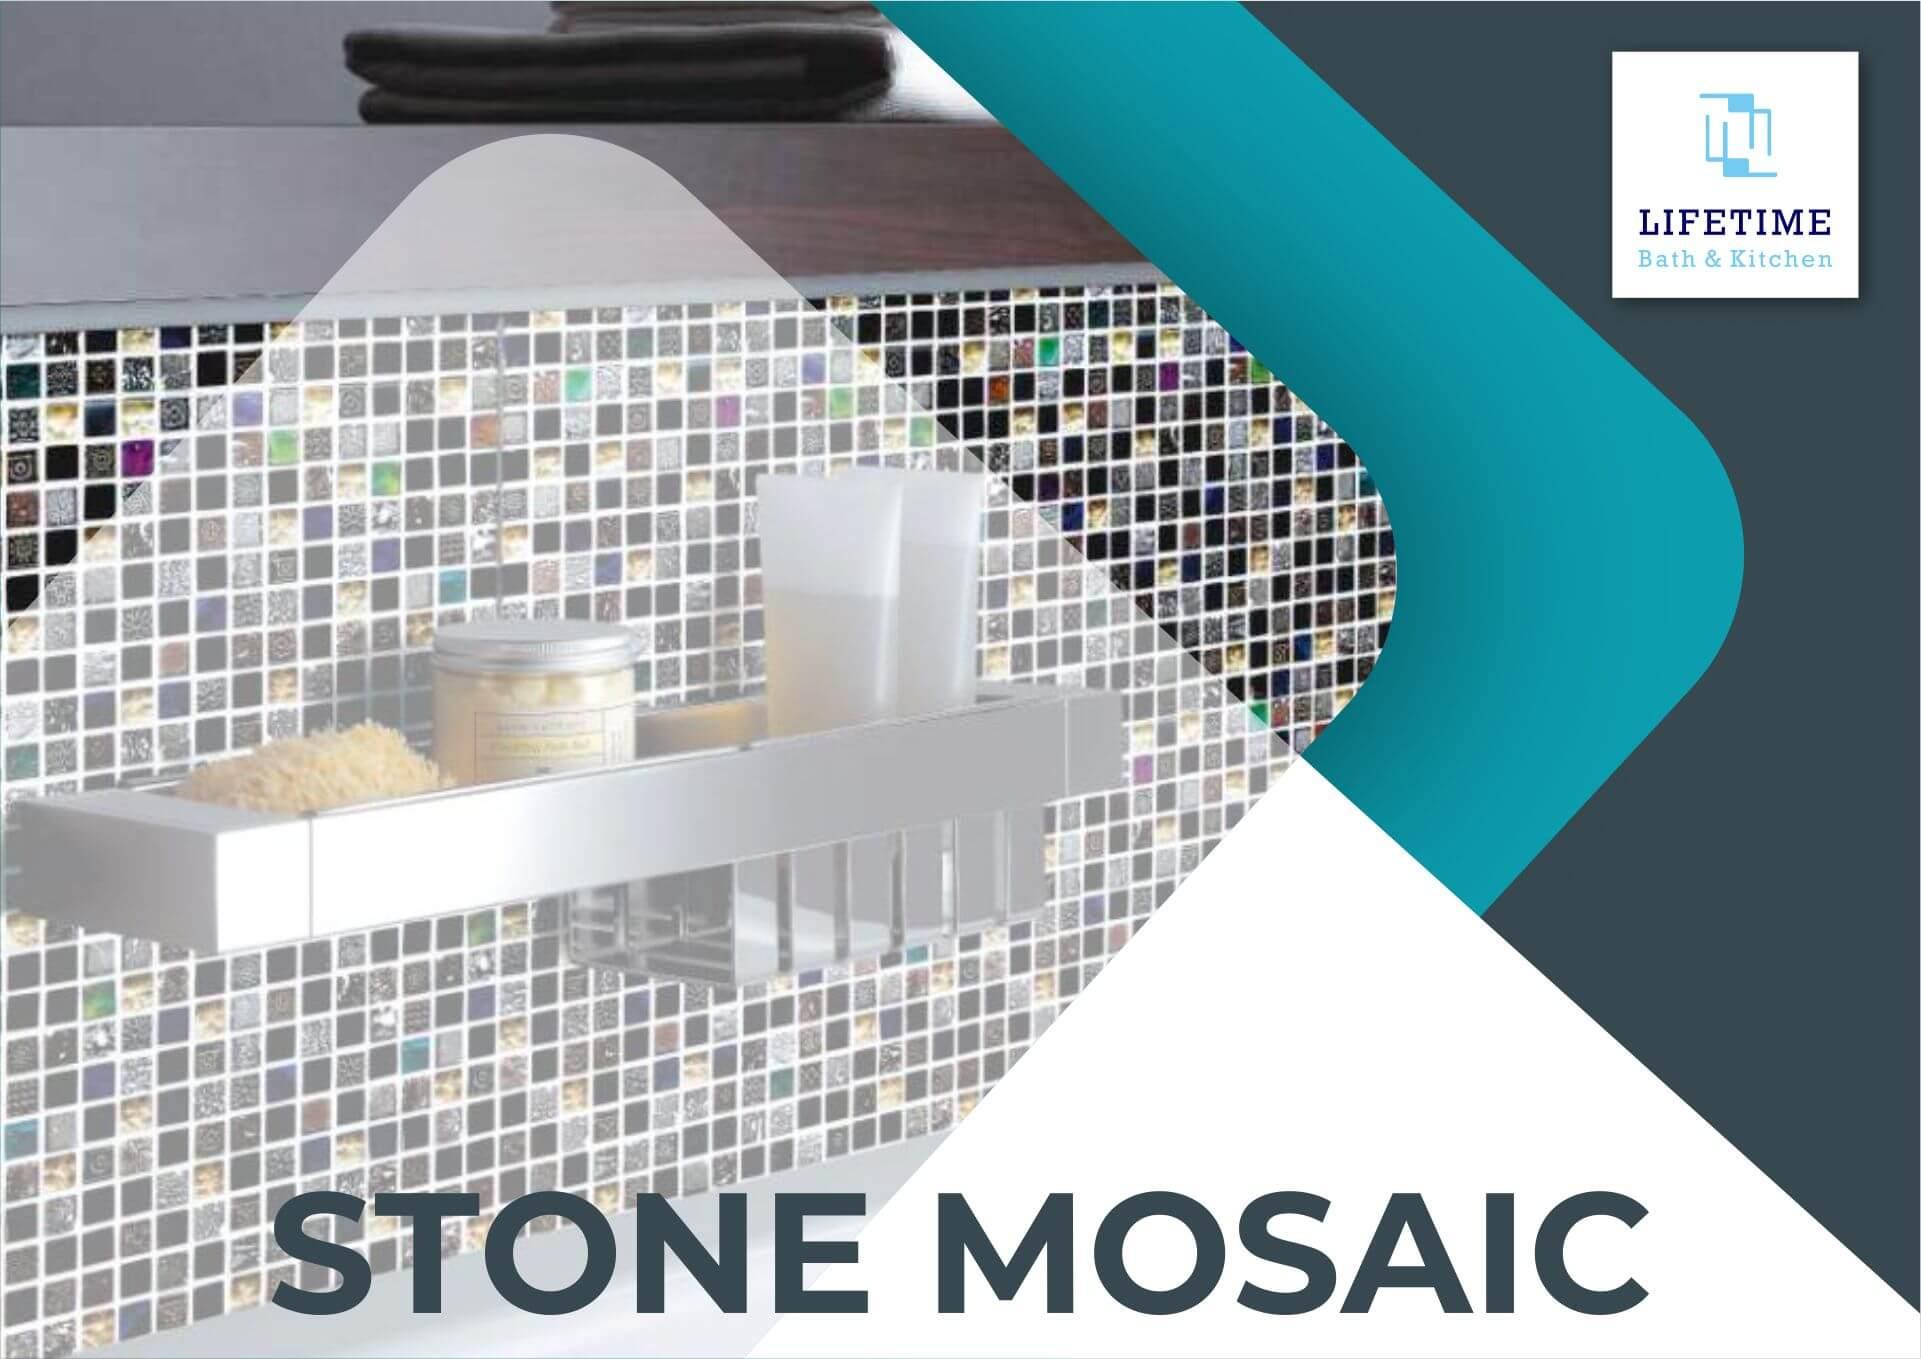 Stone-Mosaic-page (1)